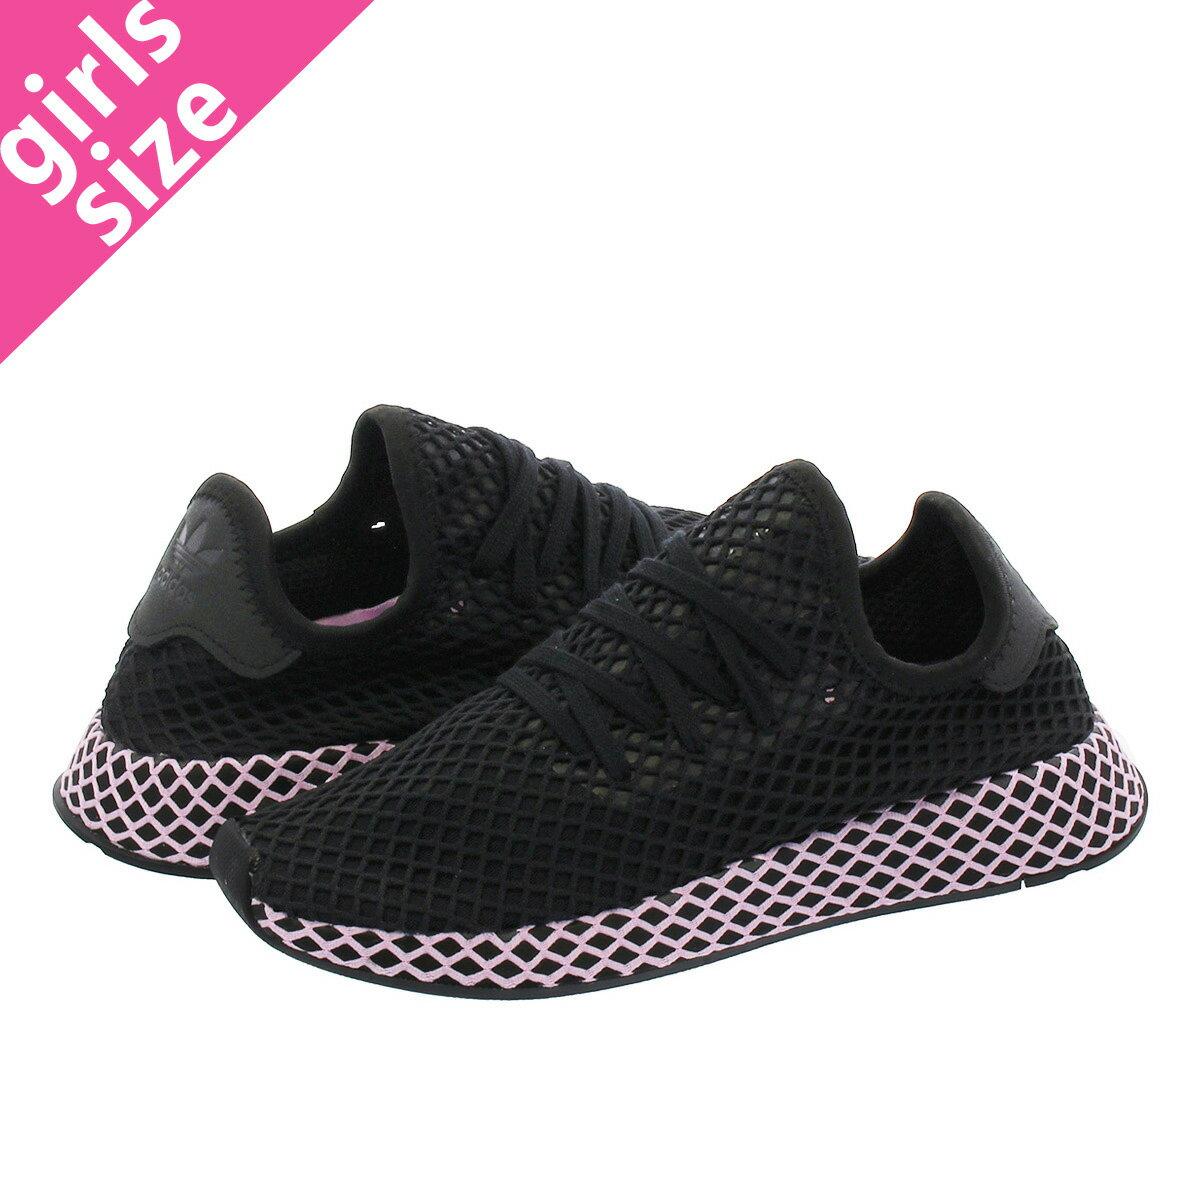 【大人気の女の子サイズ♪】 adidas DEERUPT RUNNER W アディダス ウィメンズ ディーラプト ランナー CORE BLACK/CORE BLACK/CLEAR LILAC b37602